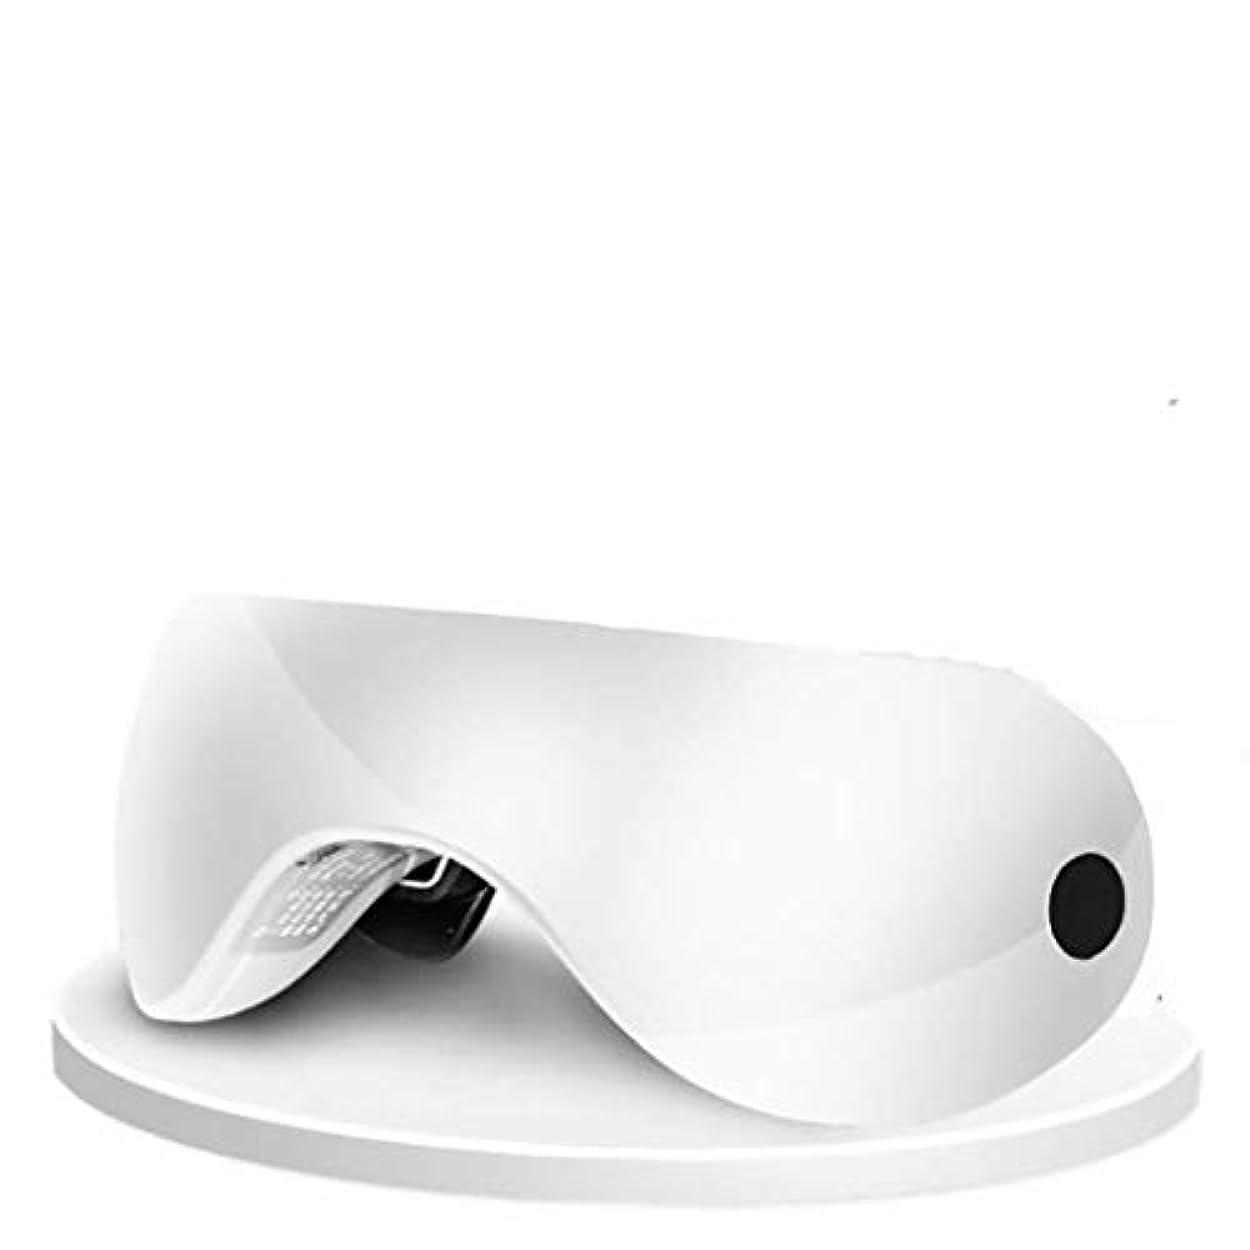 軽食突破口簡単に多機能アイマッサージャー、180°折りたたみ/USB充電モード、気圧/振動/Bluetoothライトミュージック、旅行に便利/通気性、視覚保護デバイス、近視/乱視矯正